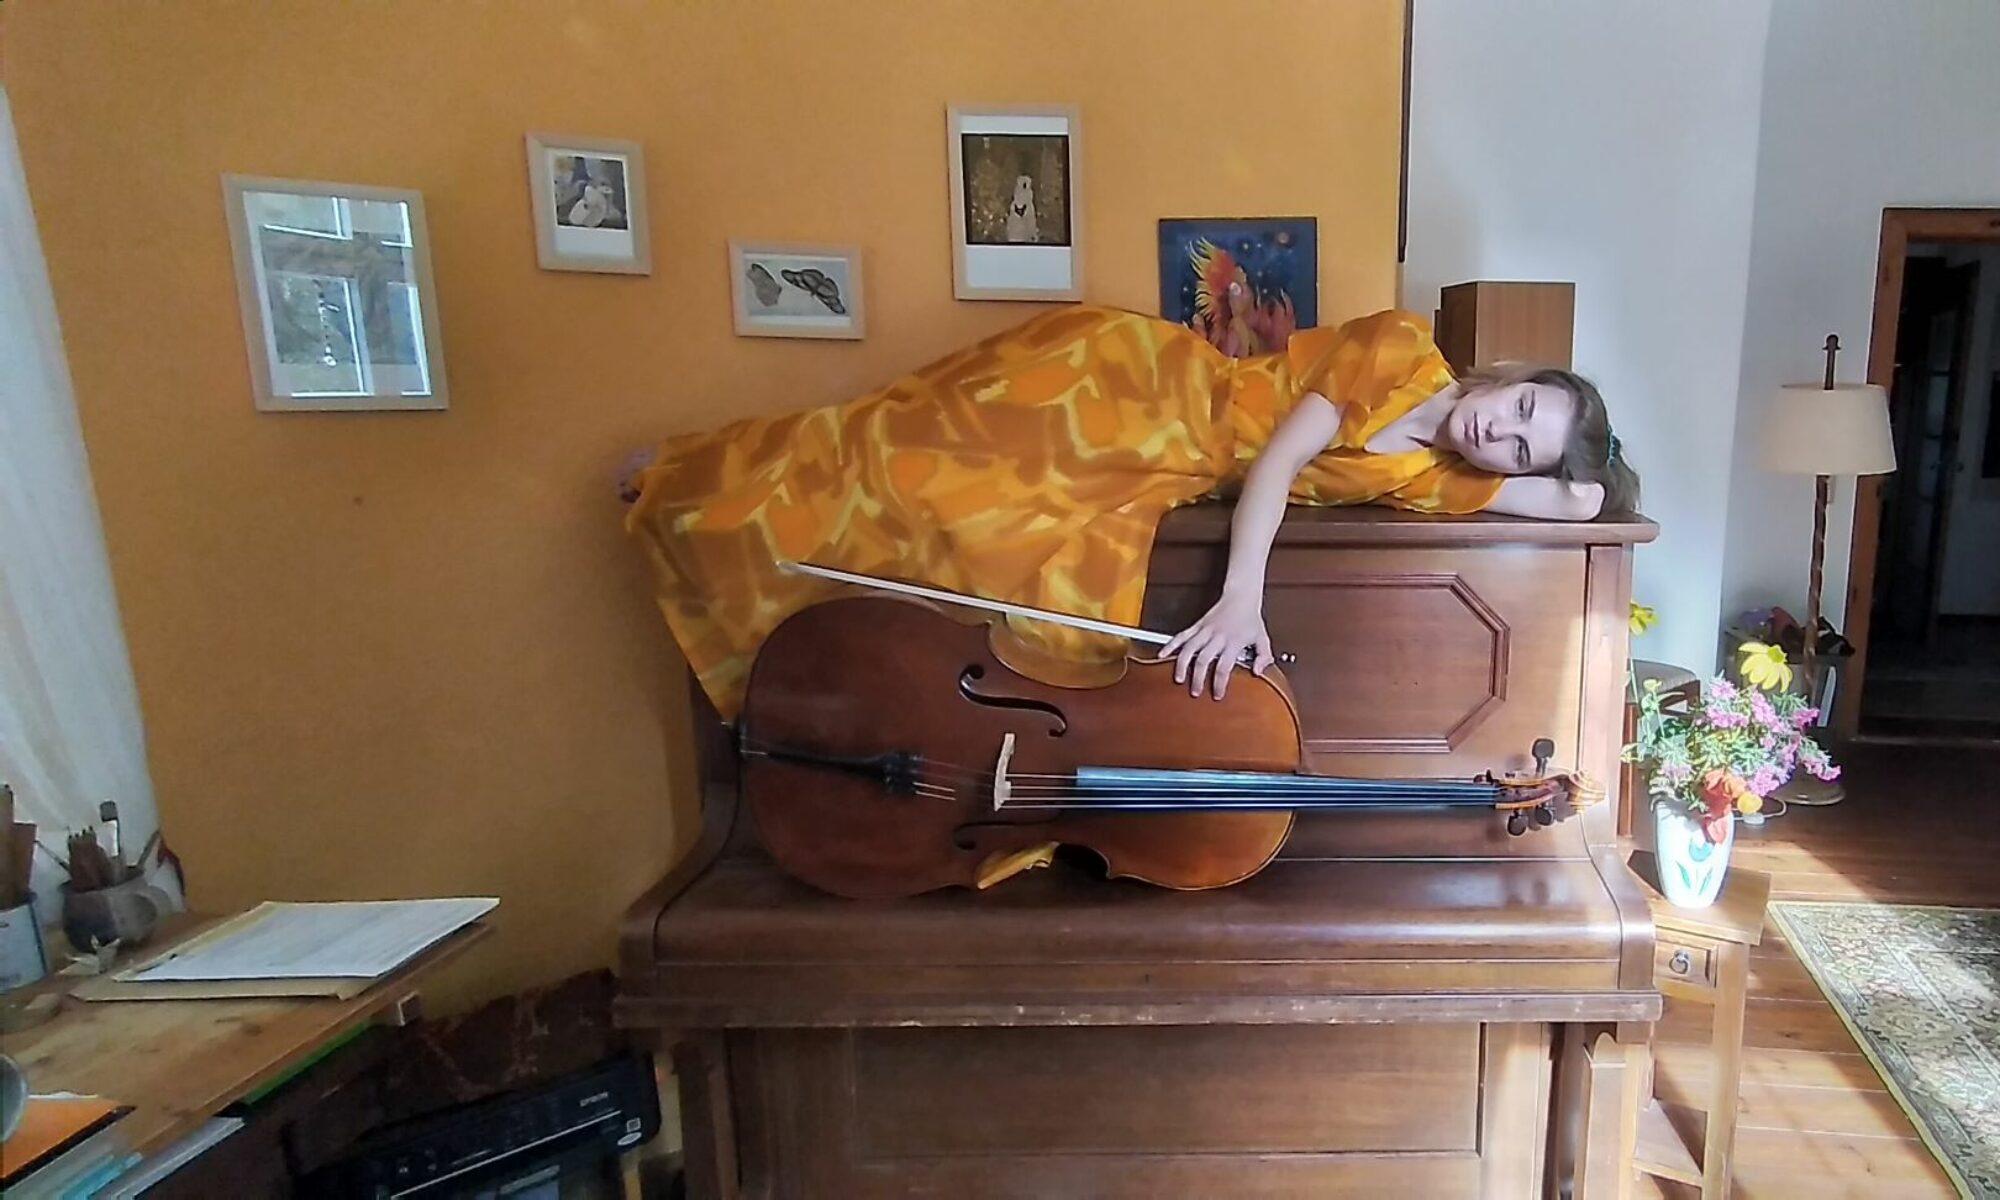 Nina Clarissa Frenzel